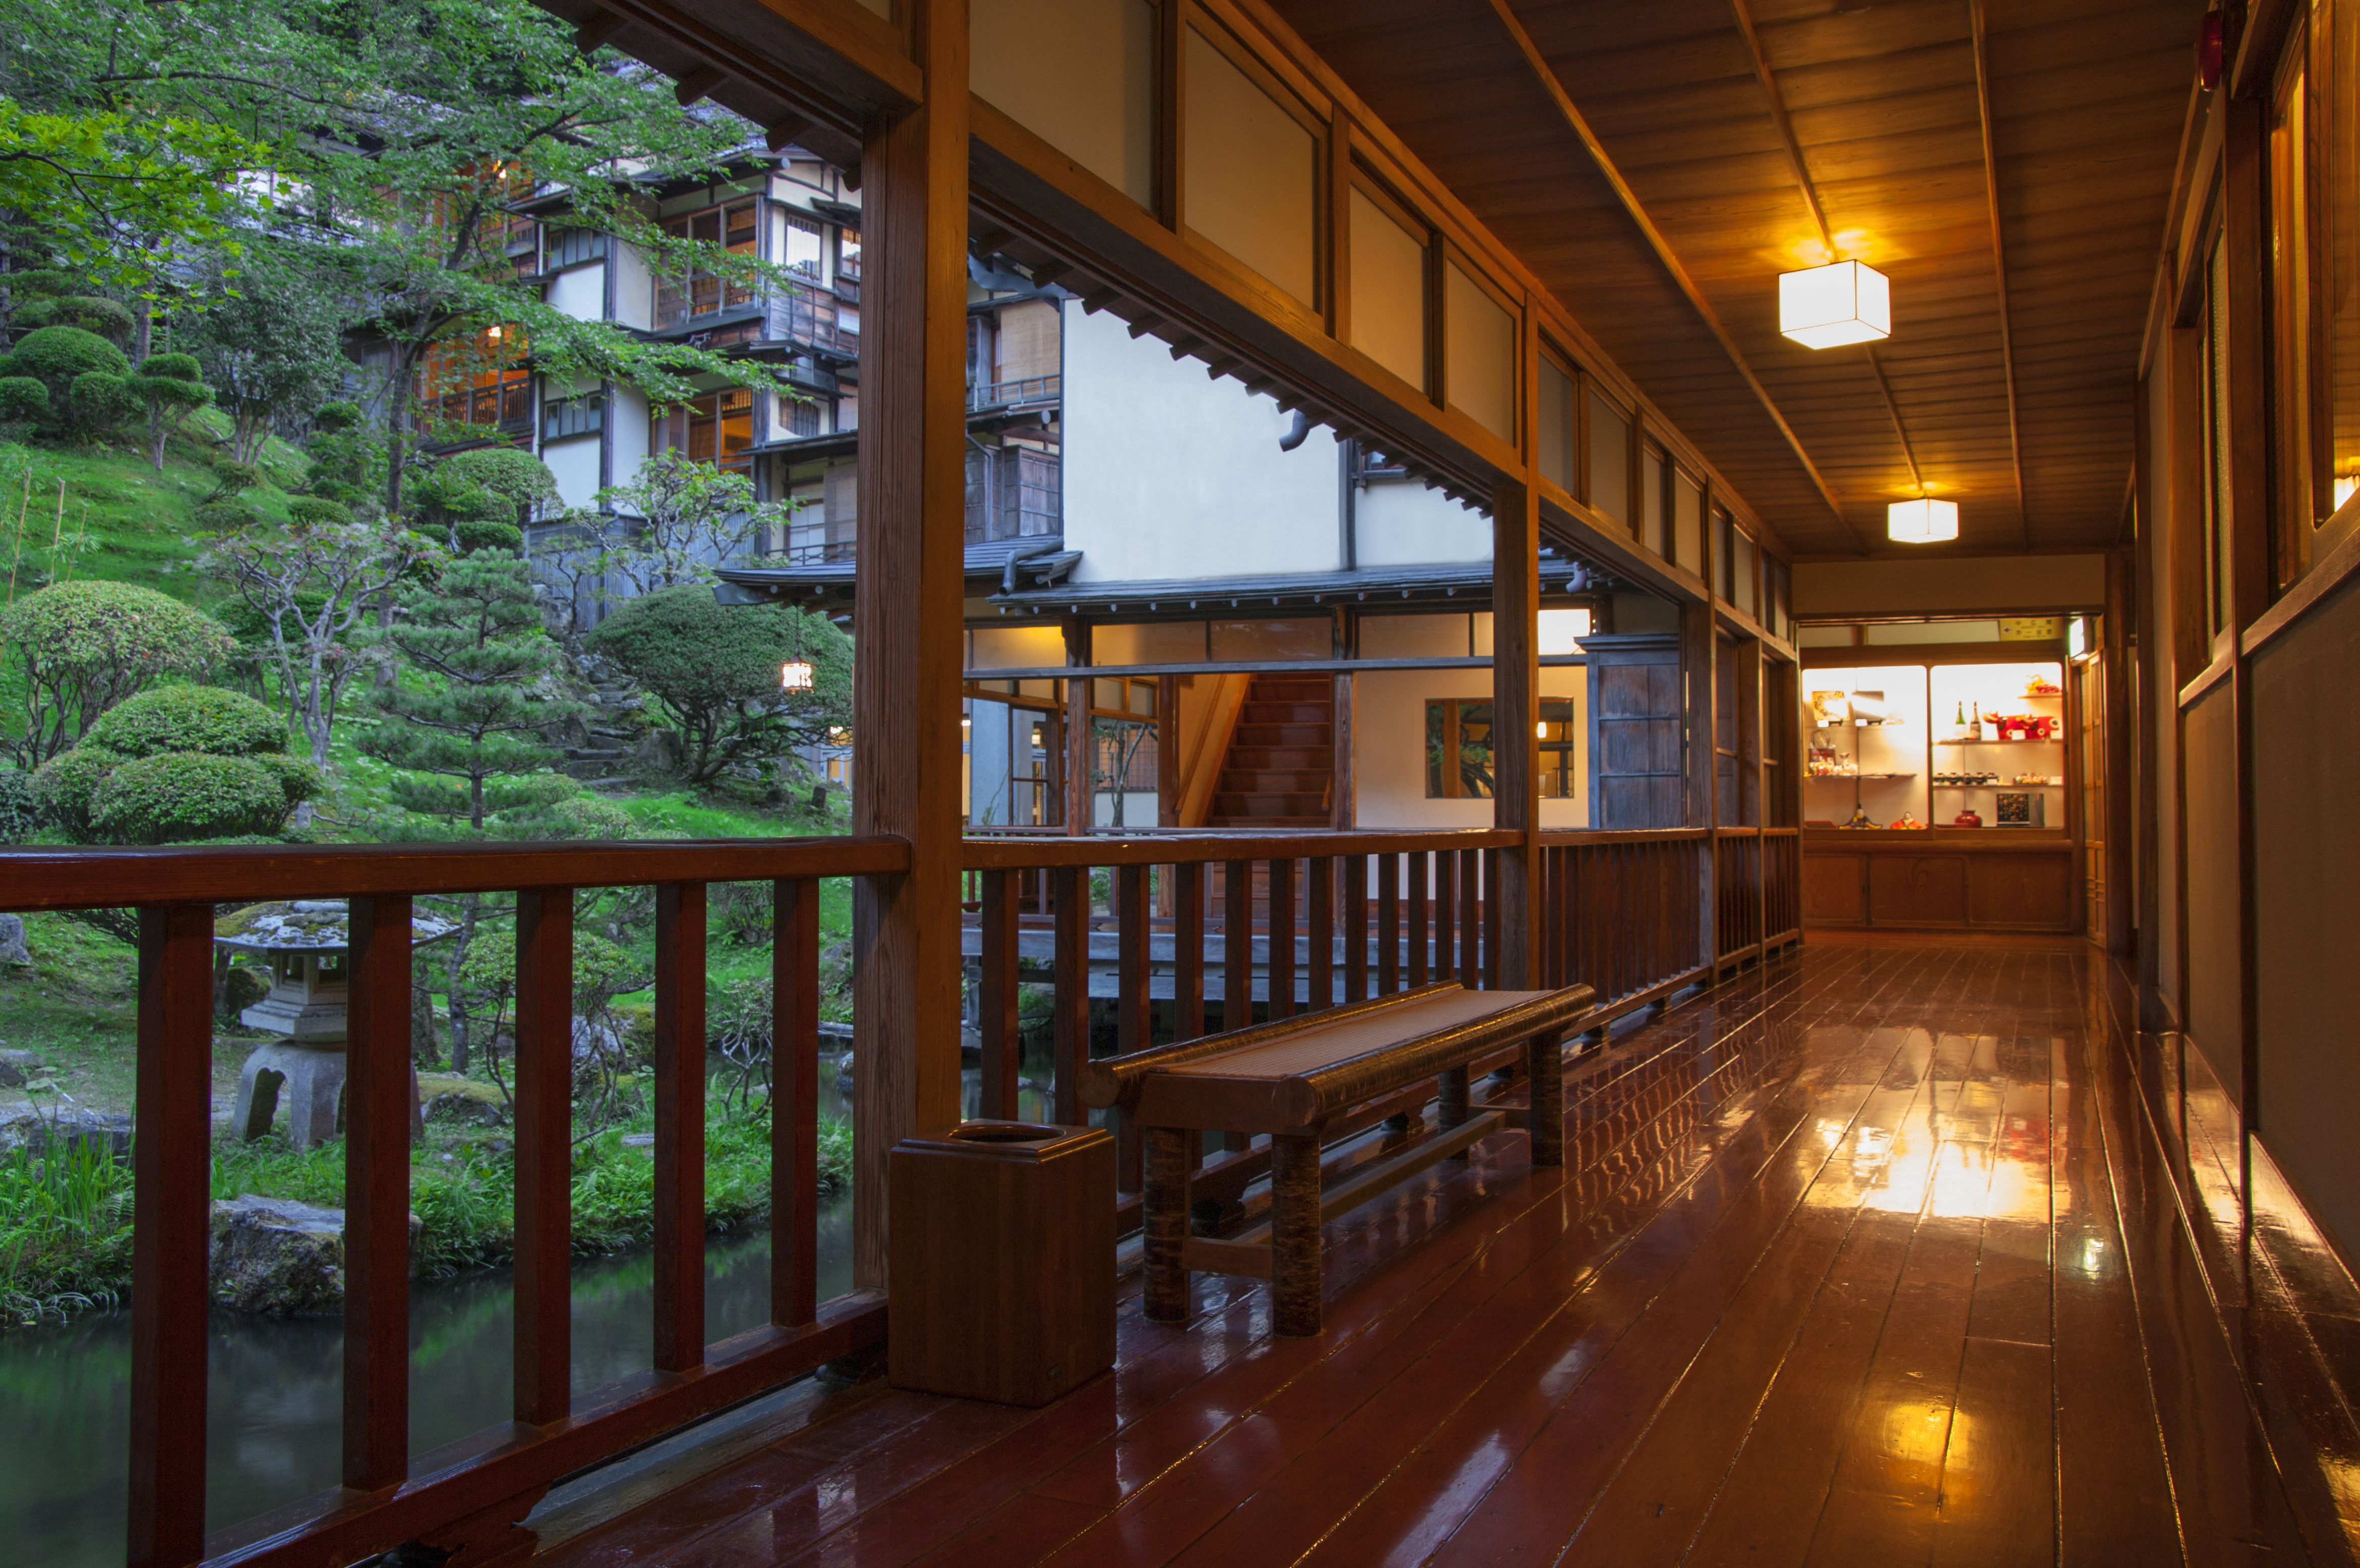 会津東山温泉 向瀧 池沿いの廊下 旅館 温泉 木造建築